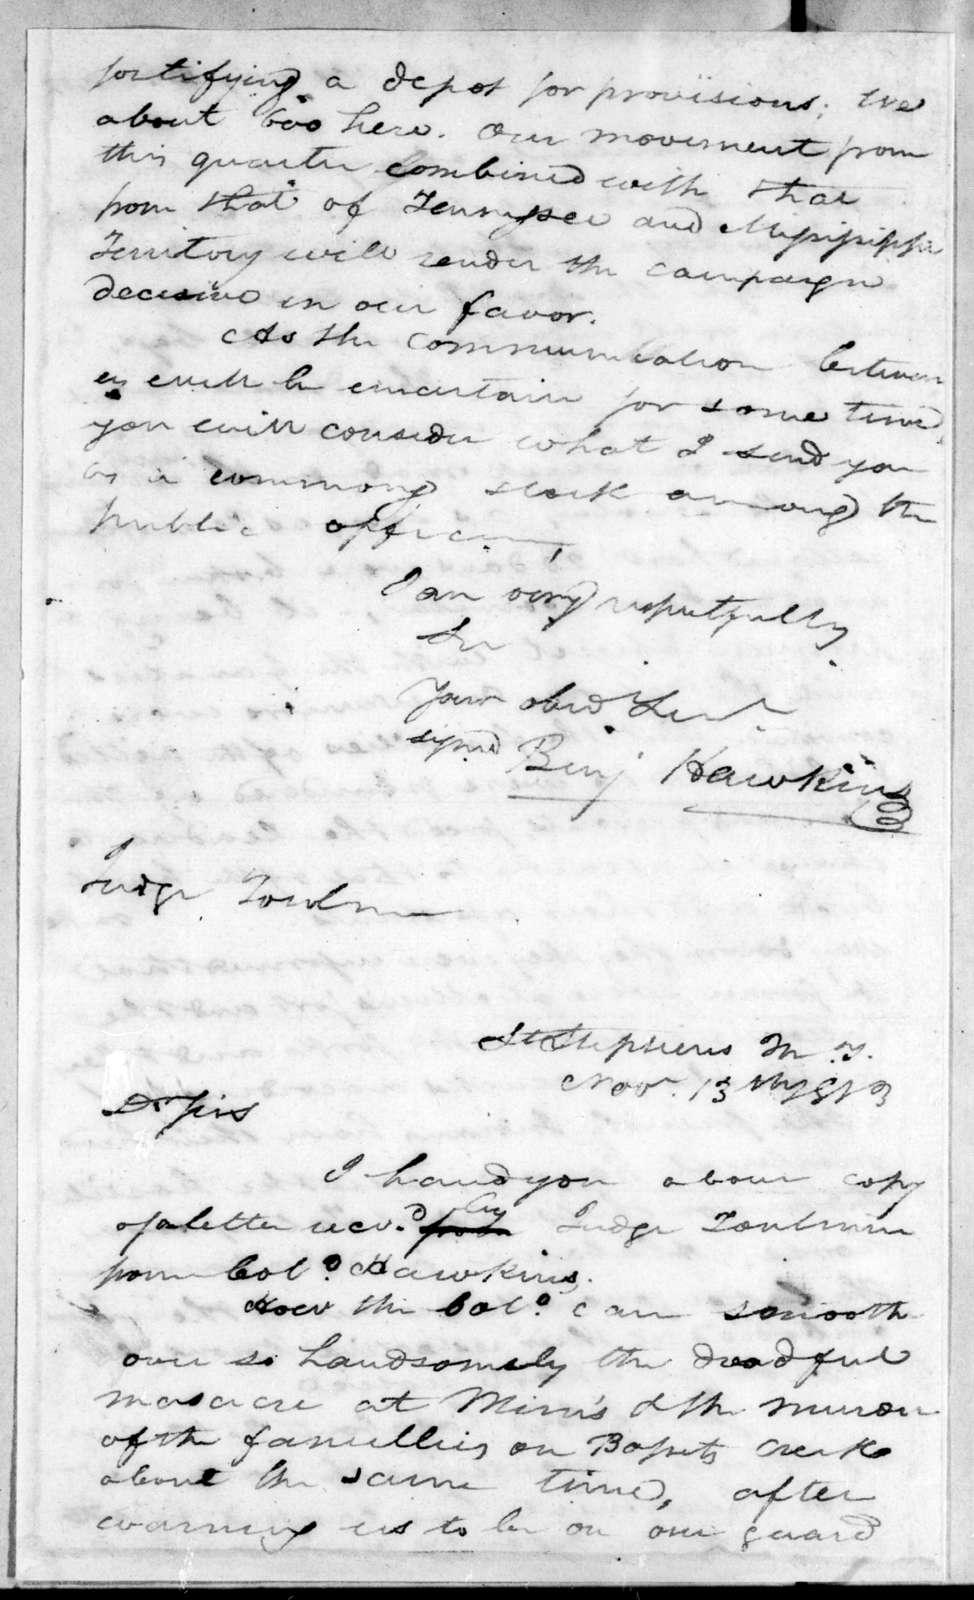 Benjamin Hawkins to Harry Toulmin, October 23, 1813